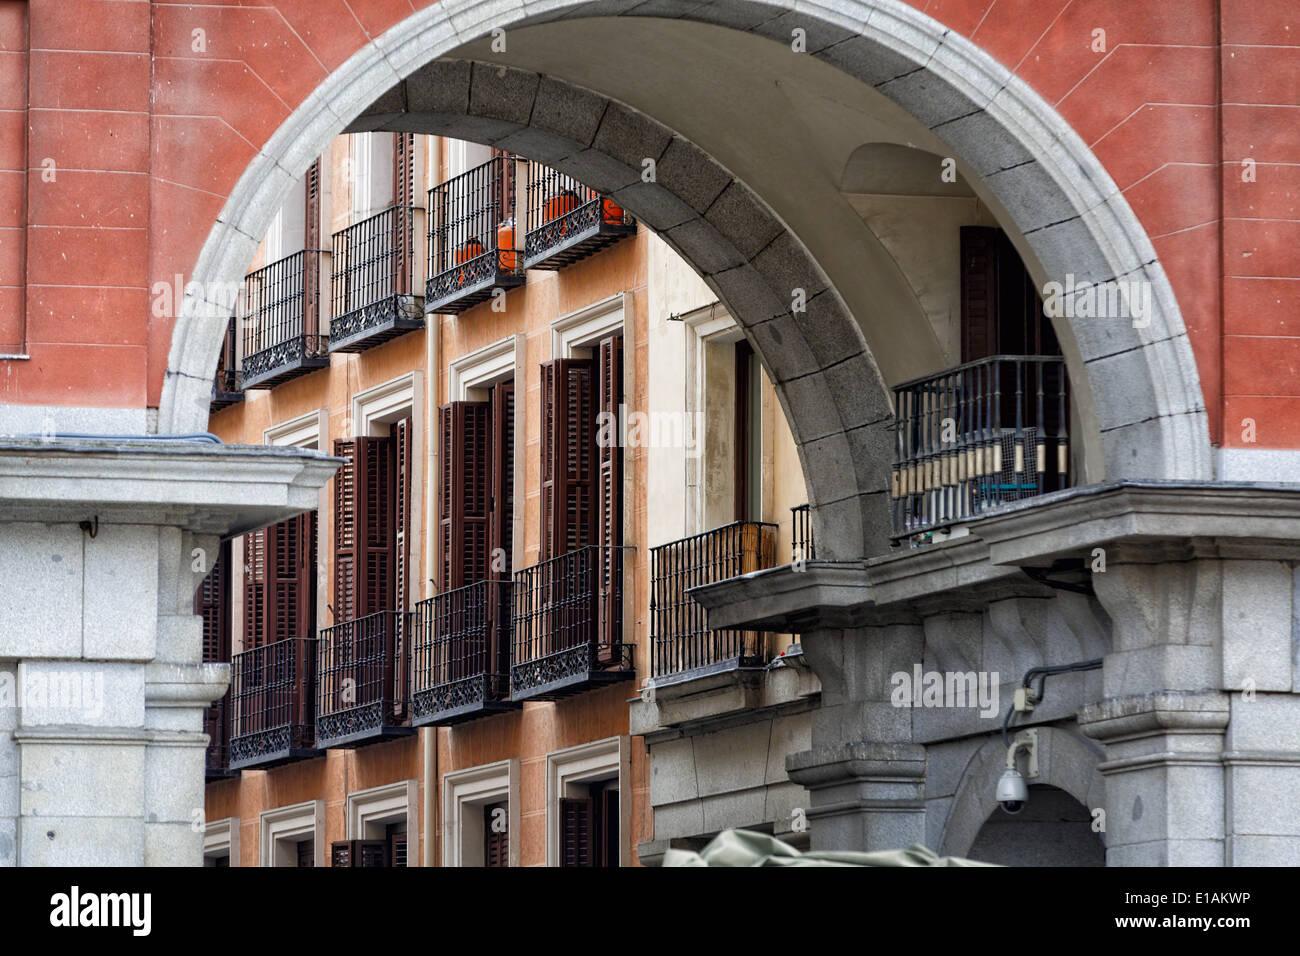 Balcons et fenêtres avec volets Vue à travers une arche d'un bâtiment, la Plaza Mayor, Madrid, Espagne Photo Stock